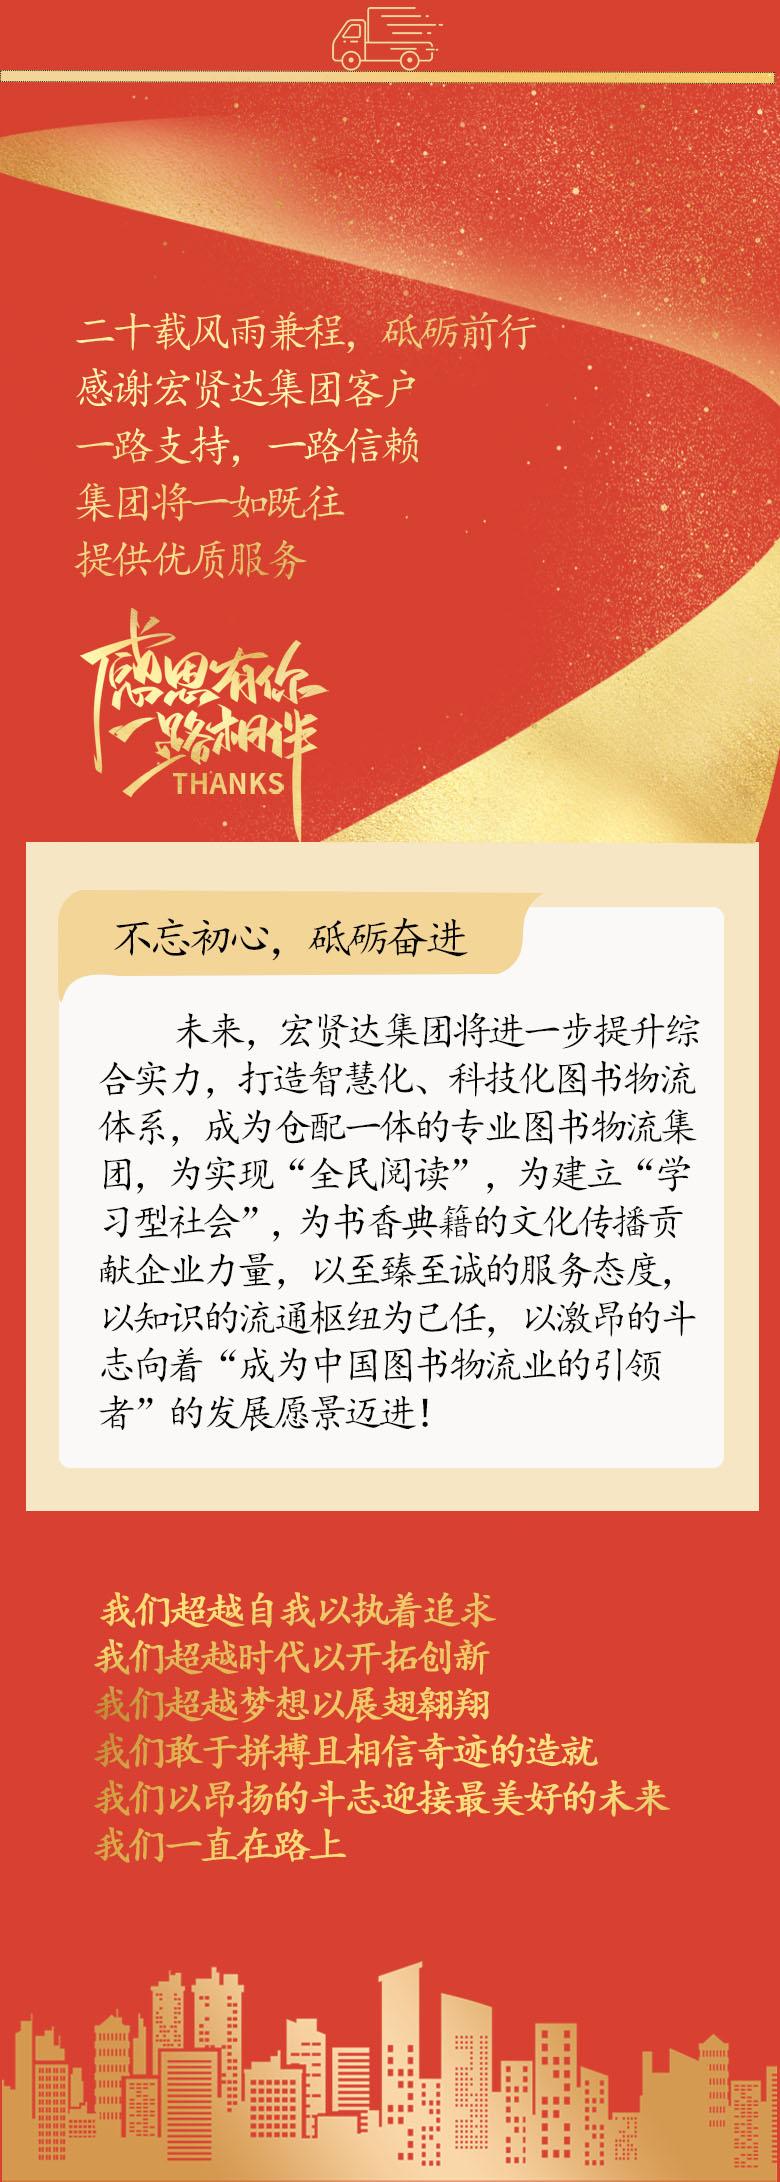 文章7-2.jpg